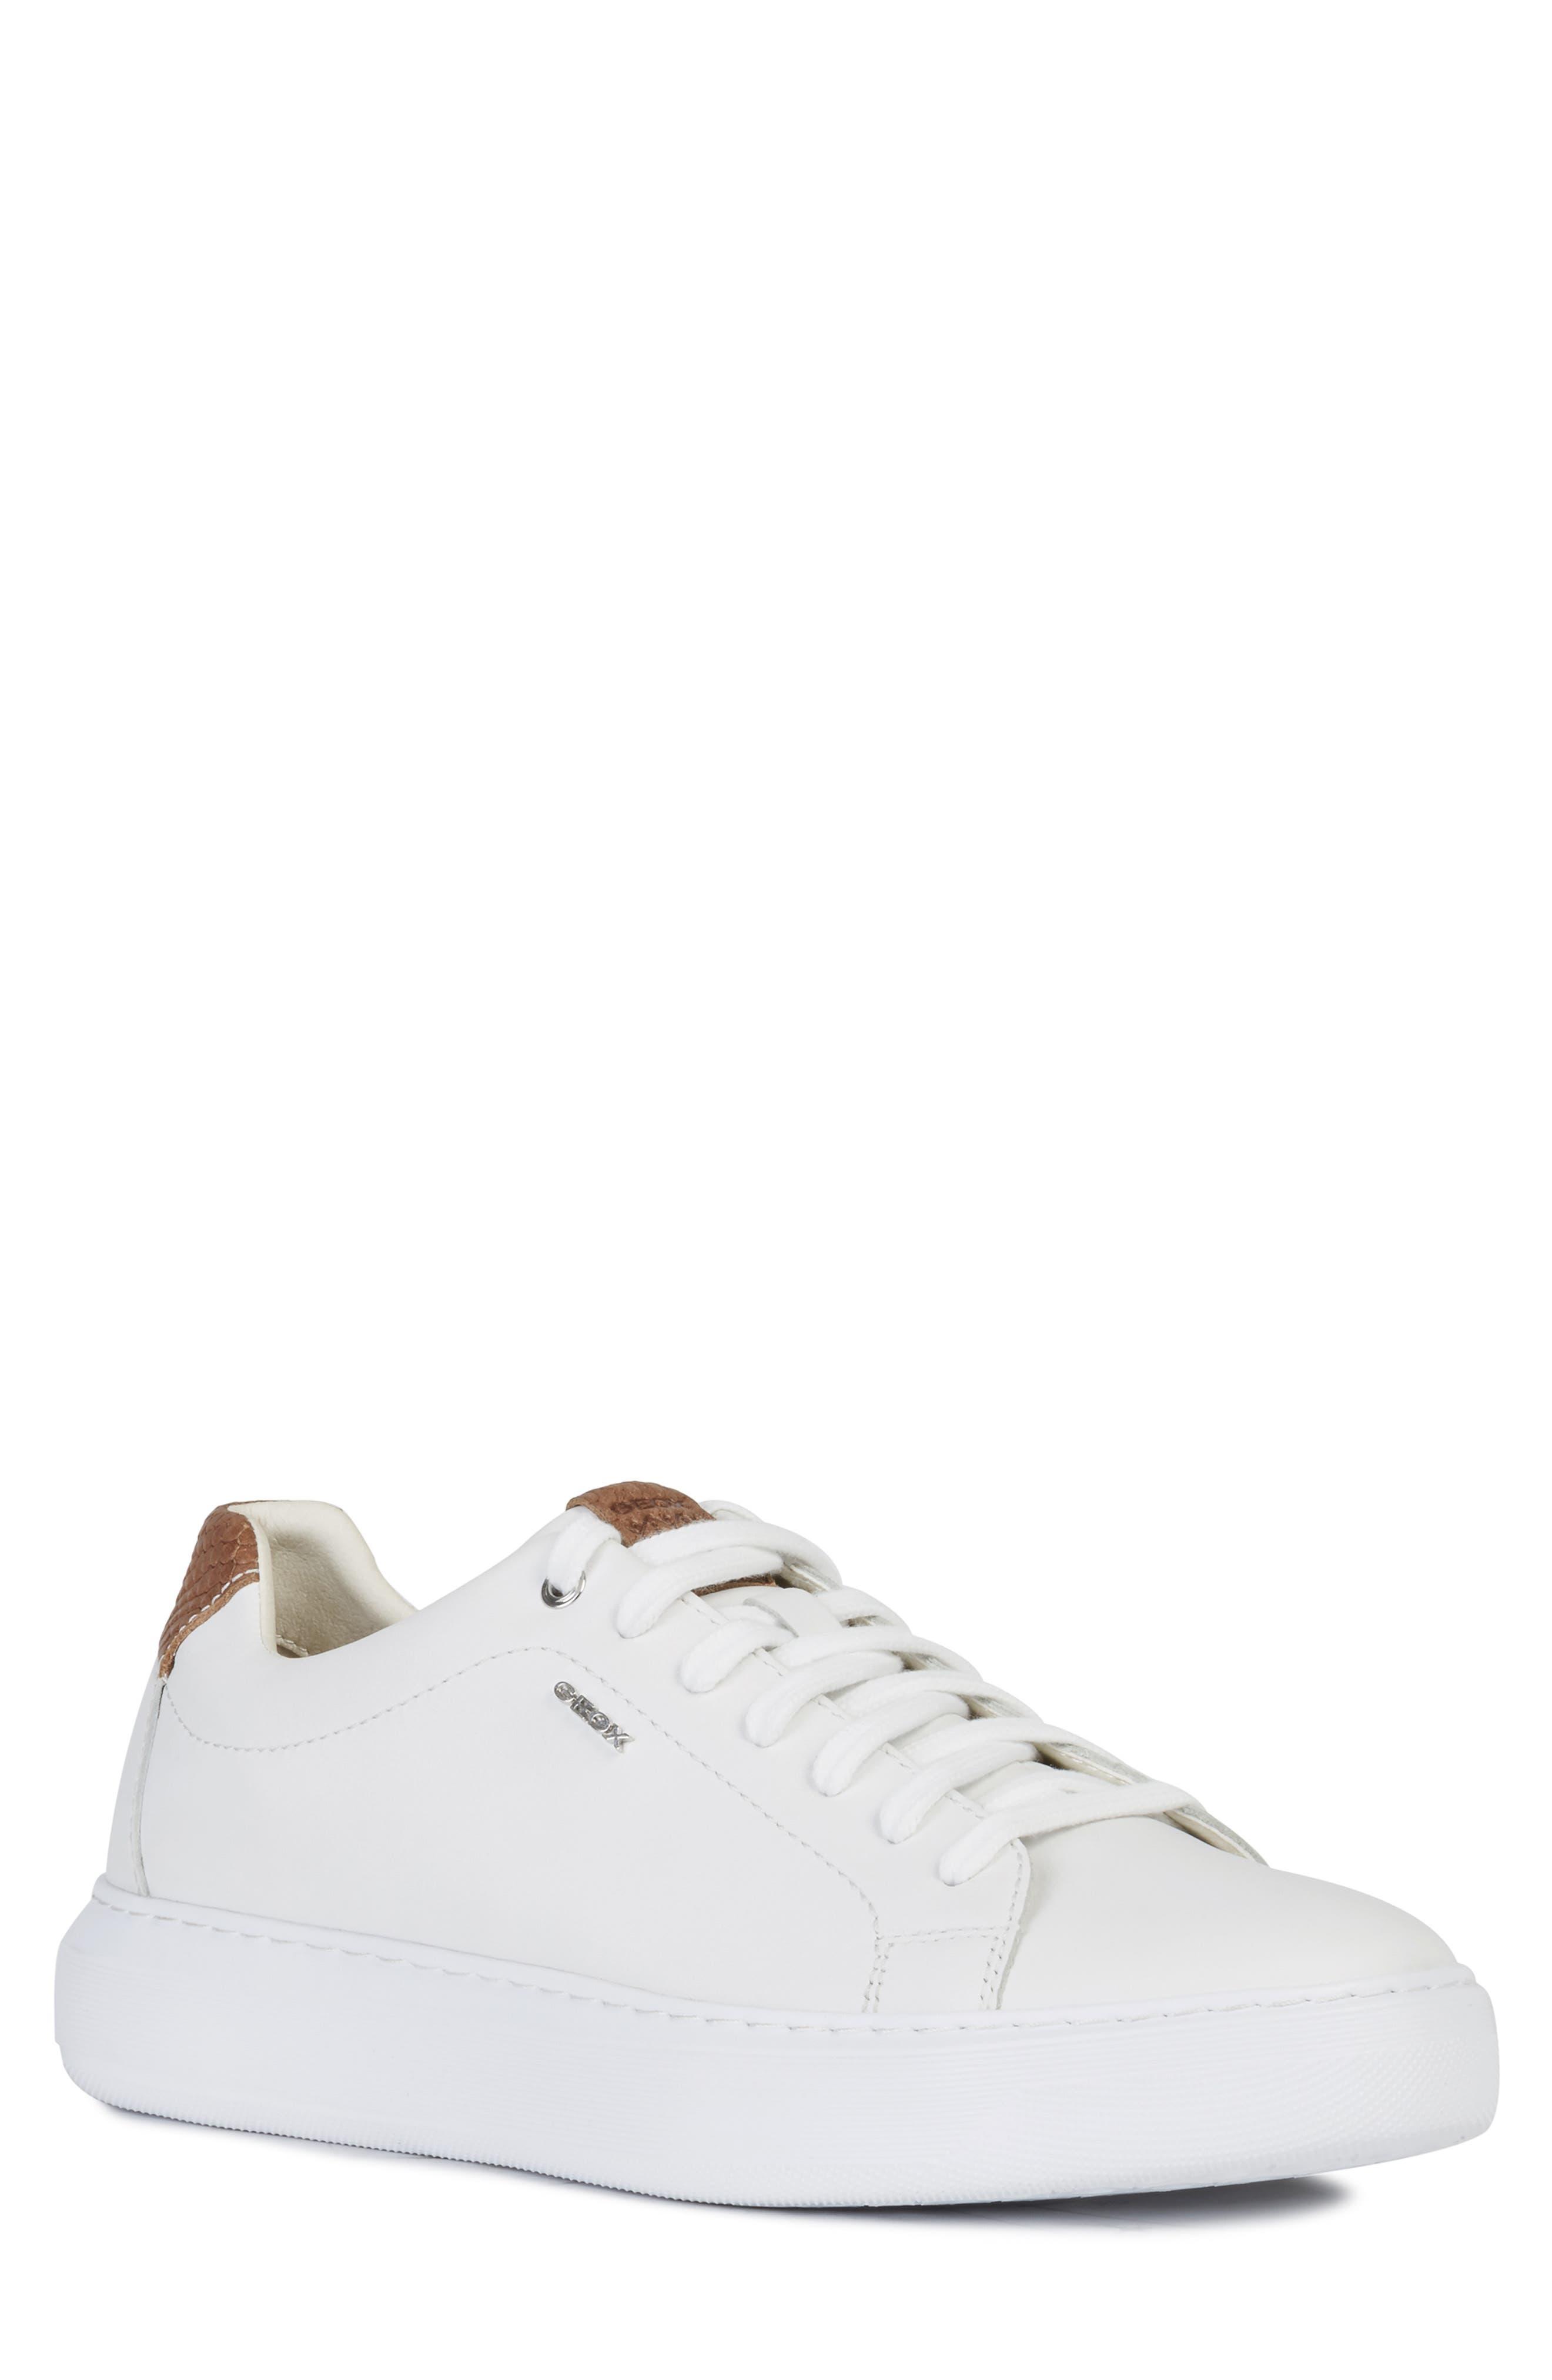 Geox Deiven 17 Sneaker (Men) | Nordstrom